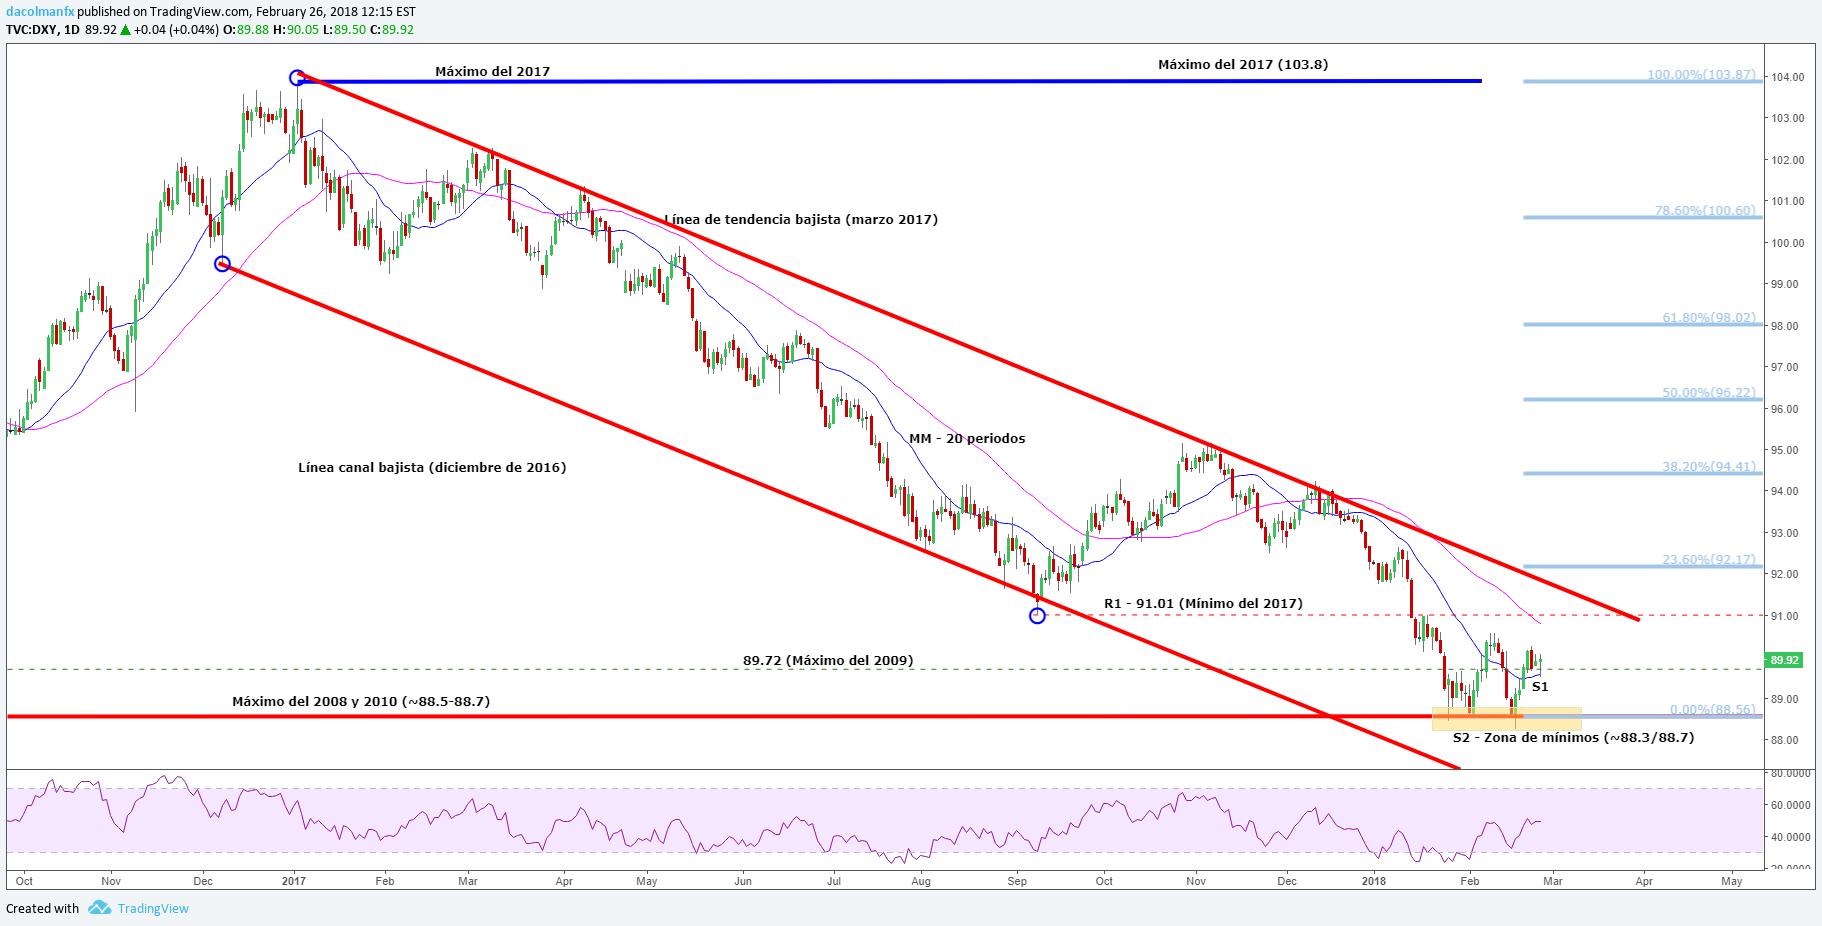 DXY: El dólar busca nuevas referencias para reactivar su escalada. ¿Lo hará?